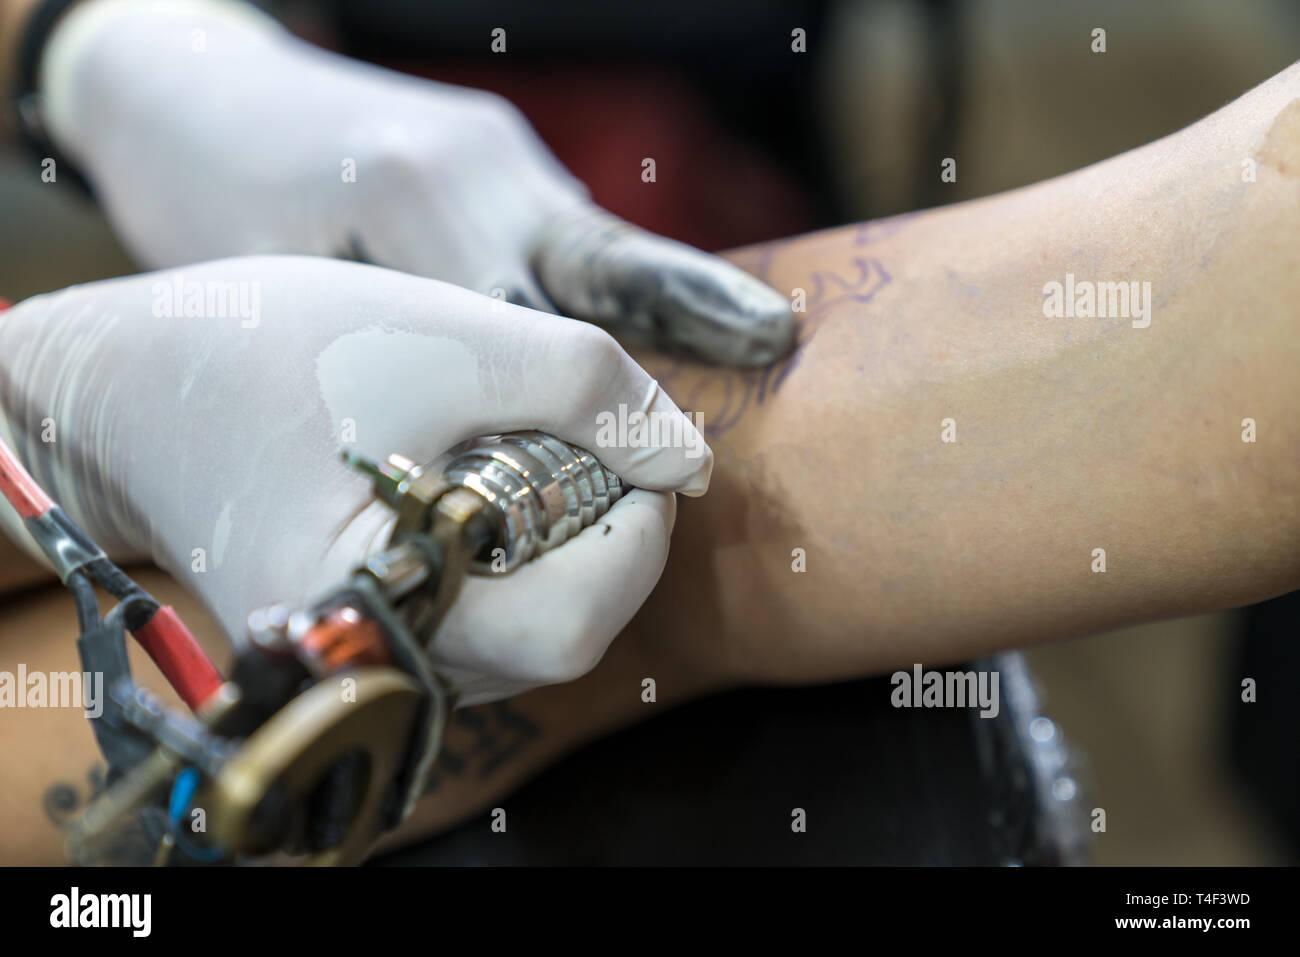 Tatuajes De Guantes Blancos Haciendo Un Tatuaje En El Brazo De